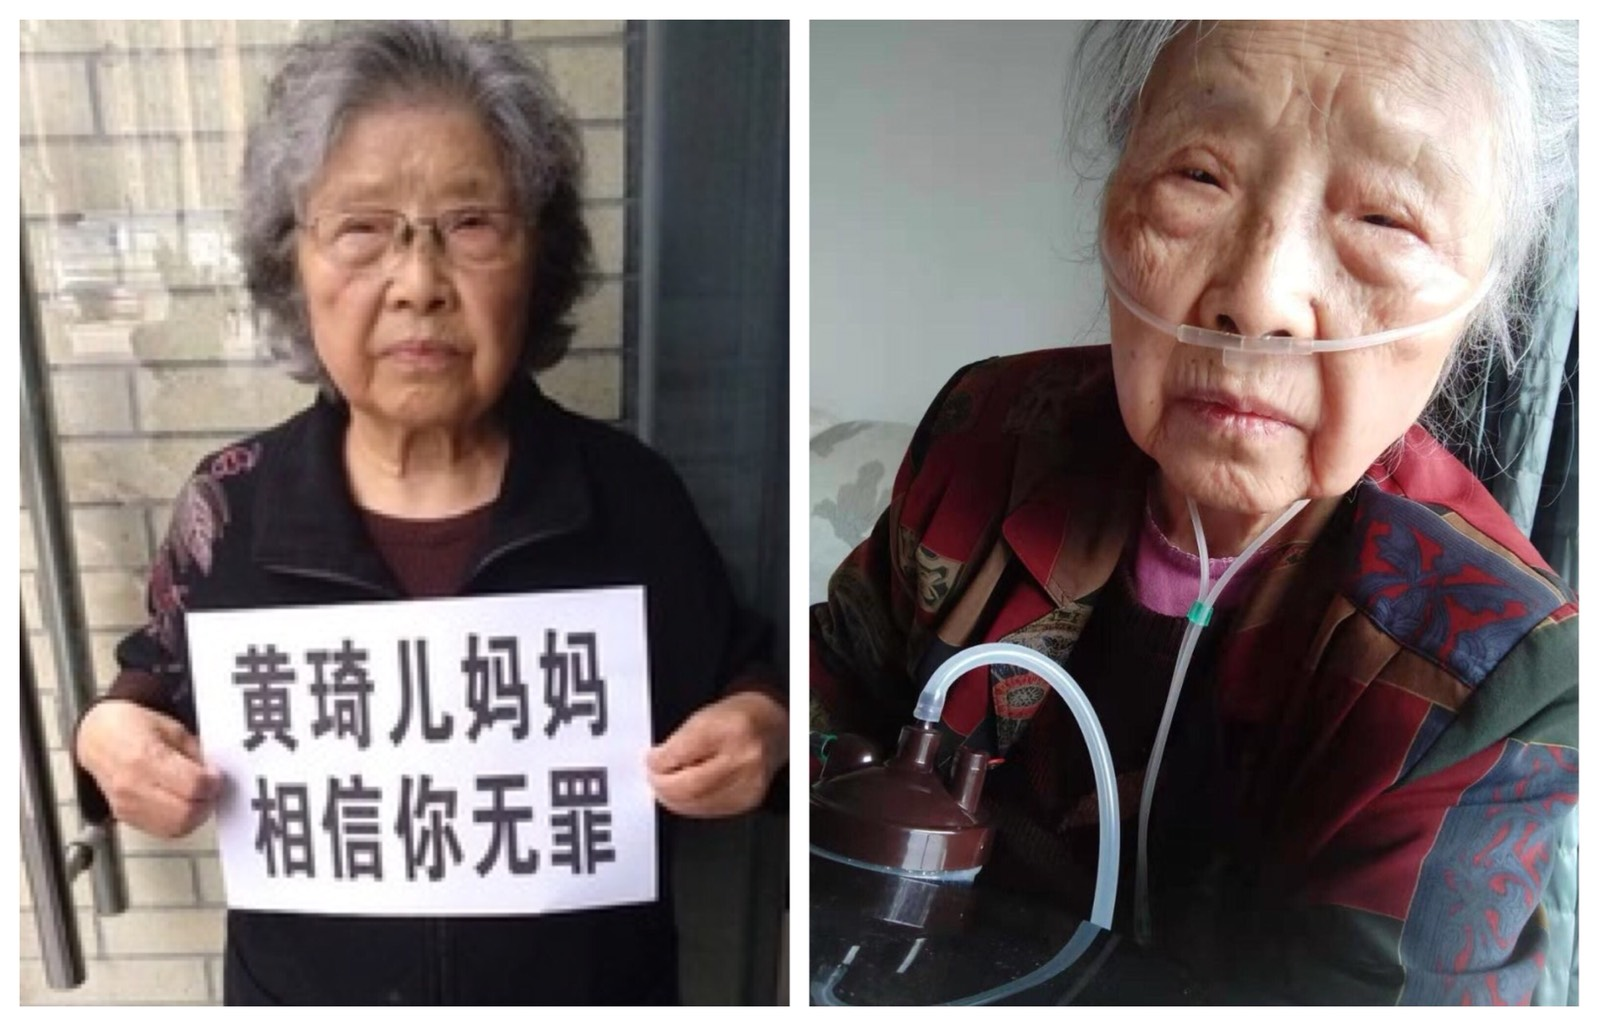 中共嚴控黃琦的母親蒲文清已長達40多個月,不准她和朋友見面,不准上北京不準會見黃琦,不准接受媒體採訪,也不准請律師。蒲文清如今患上了肺癌,唯一心願就是能見上黃琦一面。(受訪者提供/大紀元合成)